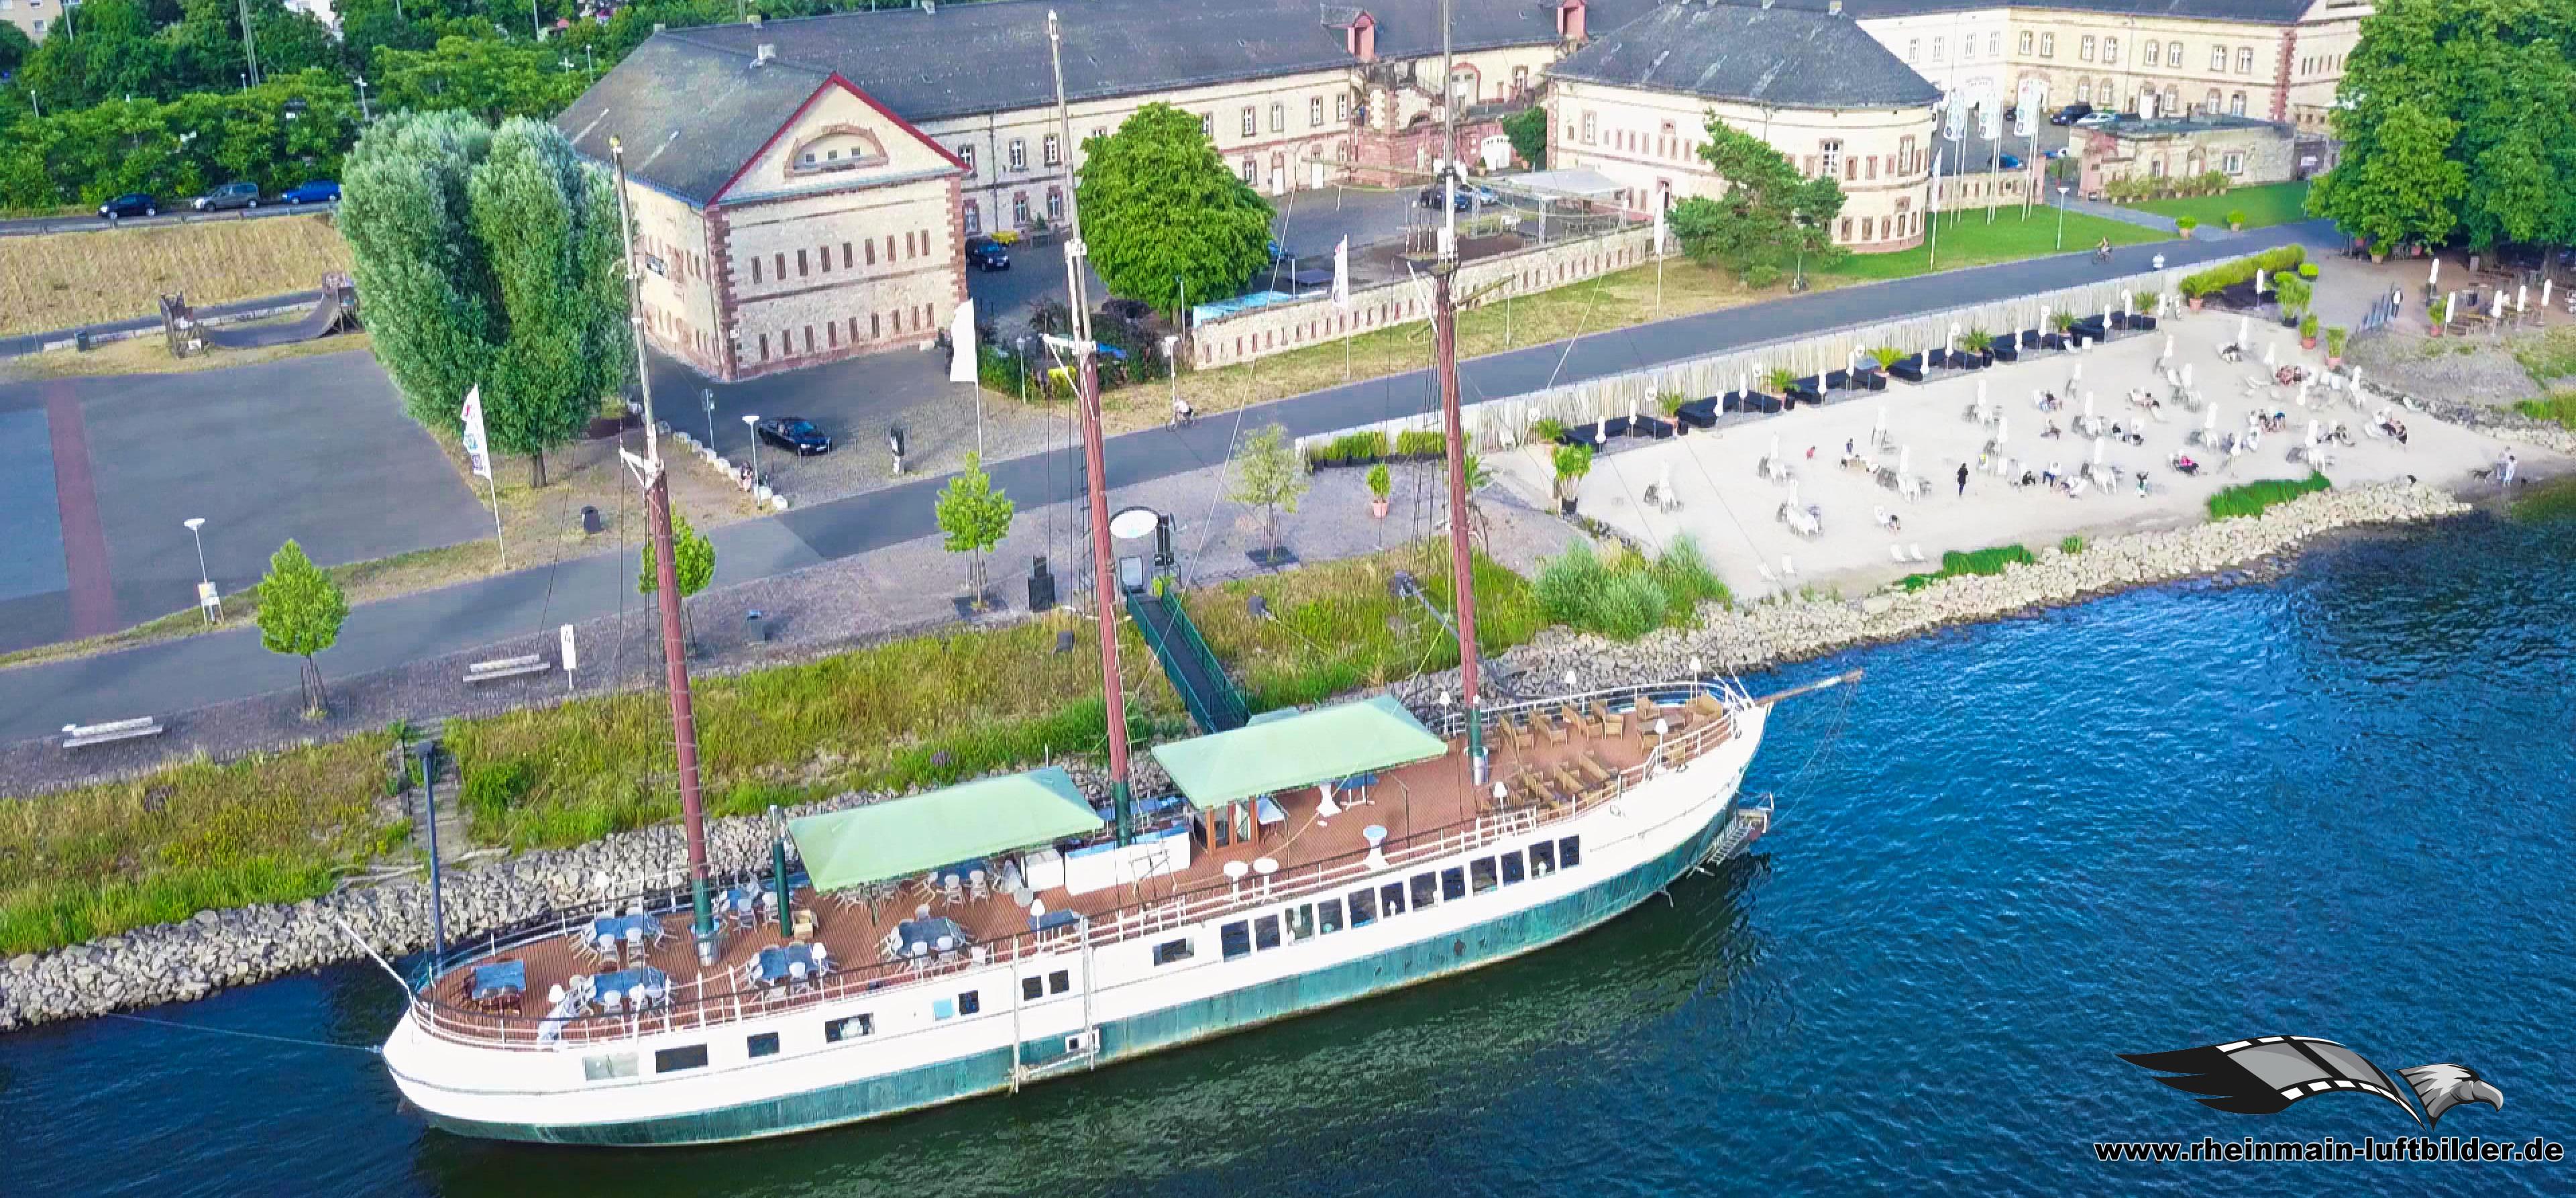 Rhein Main Luftbilder  u2013 Drohnenaufnahmen Ihrer Objekte